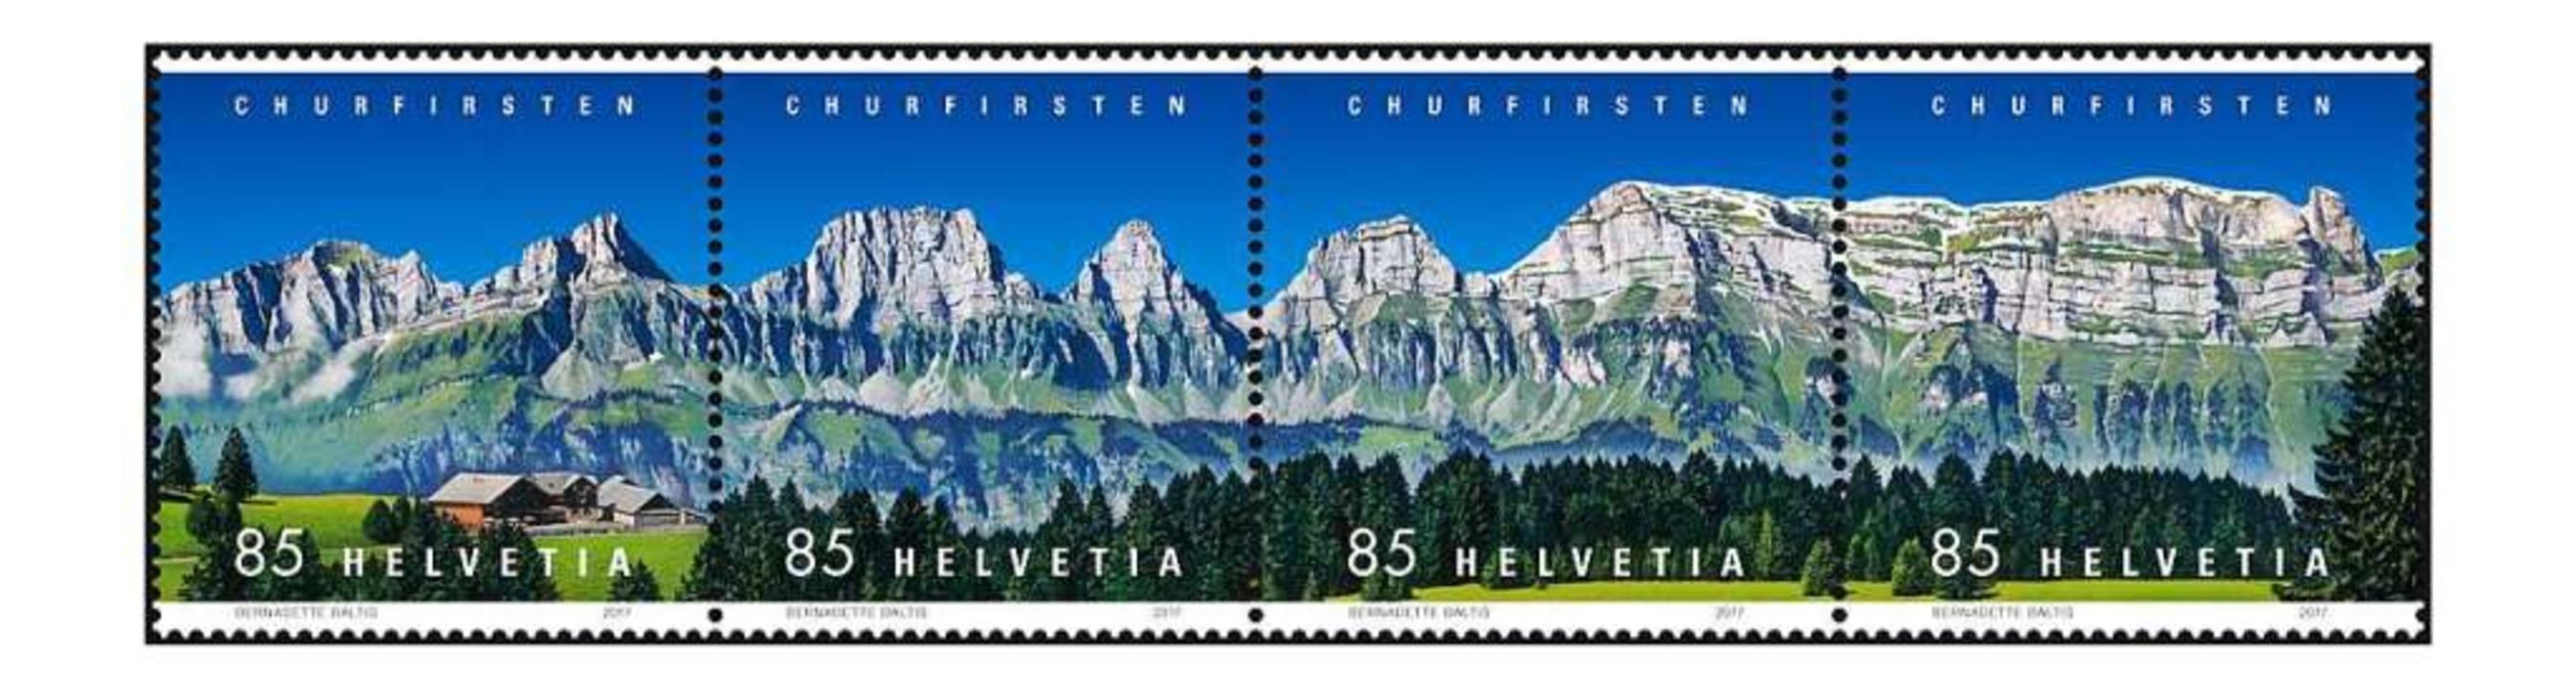 Die Schweiz geht ebenfalls mit einer Panoramamarke ins Rennen.  | Foto: Schweizerische Post AG